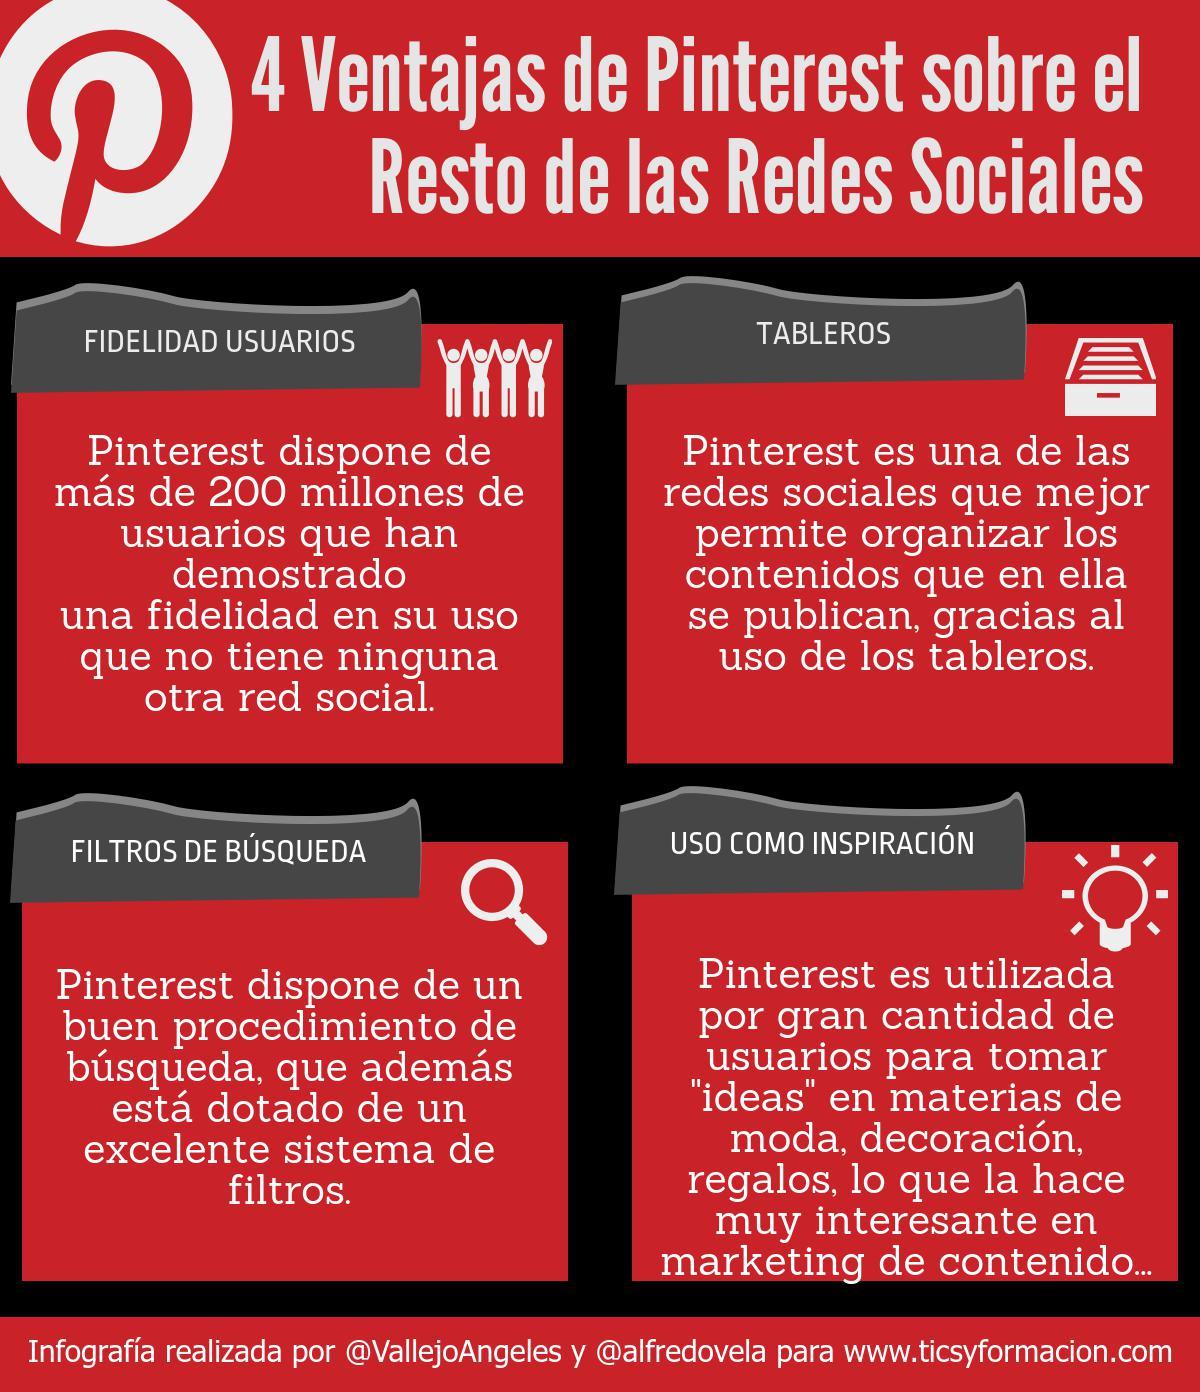 4 ventajas de Pinterest sobre el resto de Redes Sociales